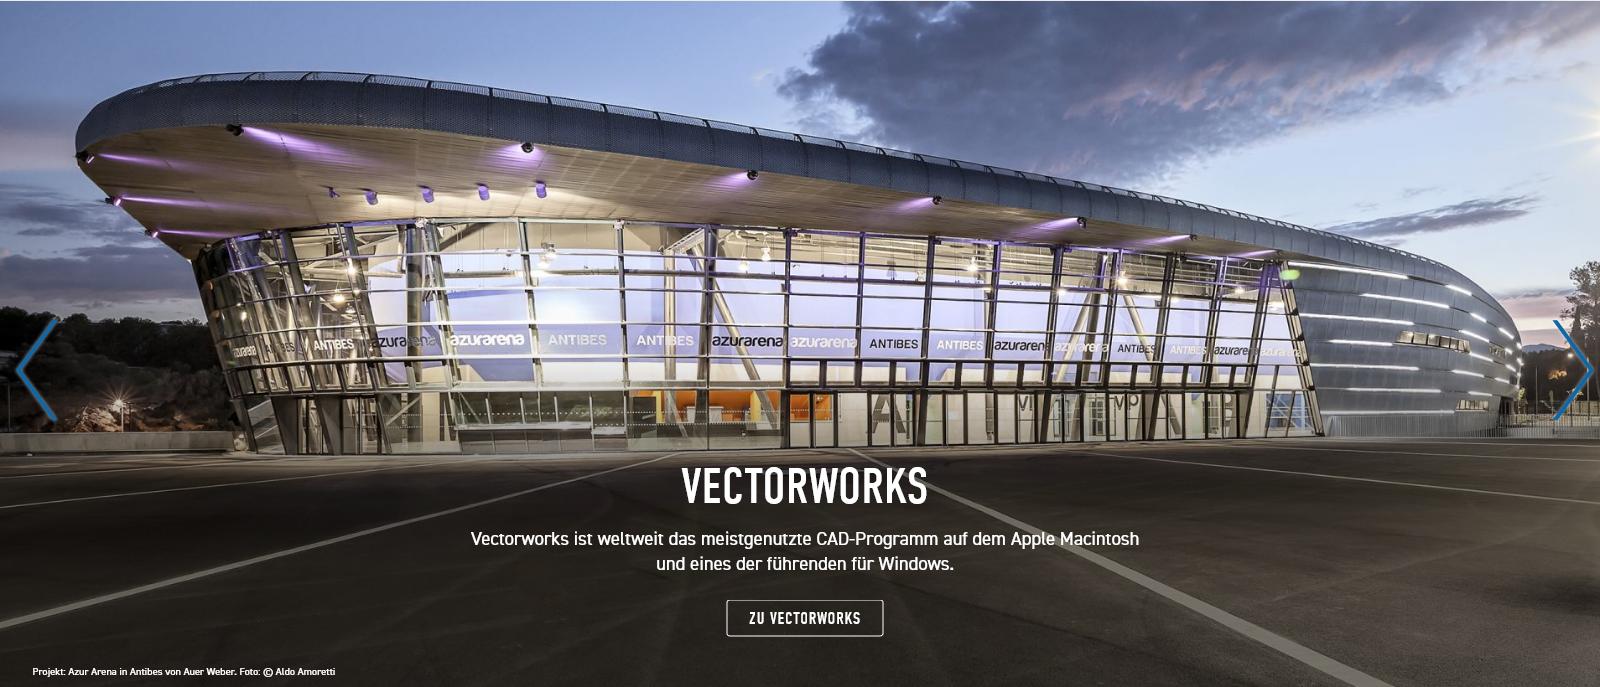 Vectorworks und EDV&CAD